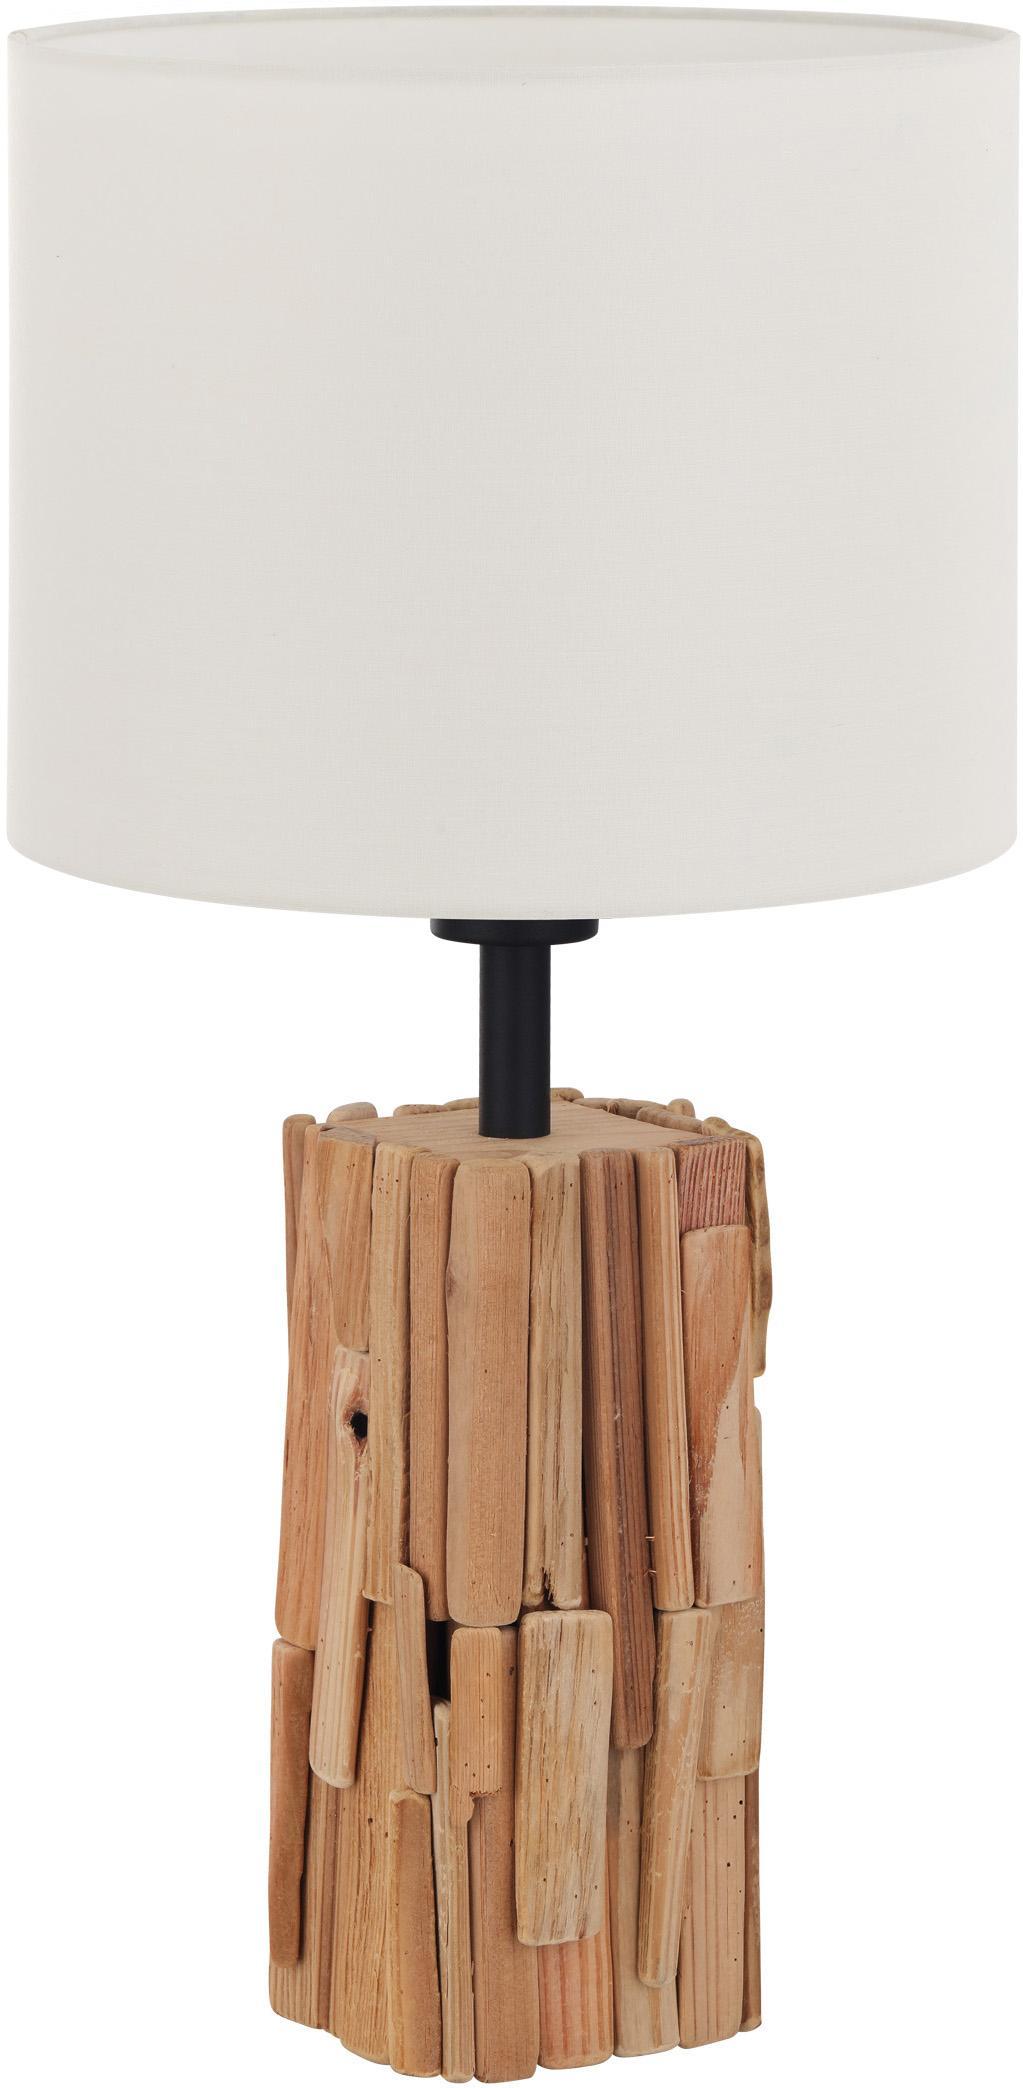 Lampa stołowa Portishead, Brązowy, biały, Ø 26  x W 54 cm